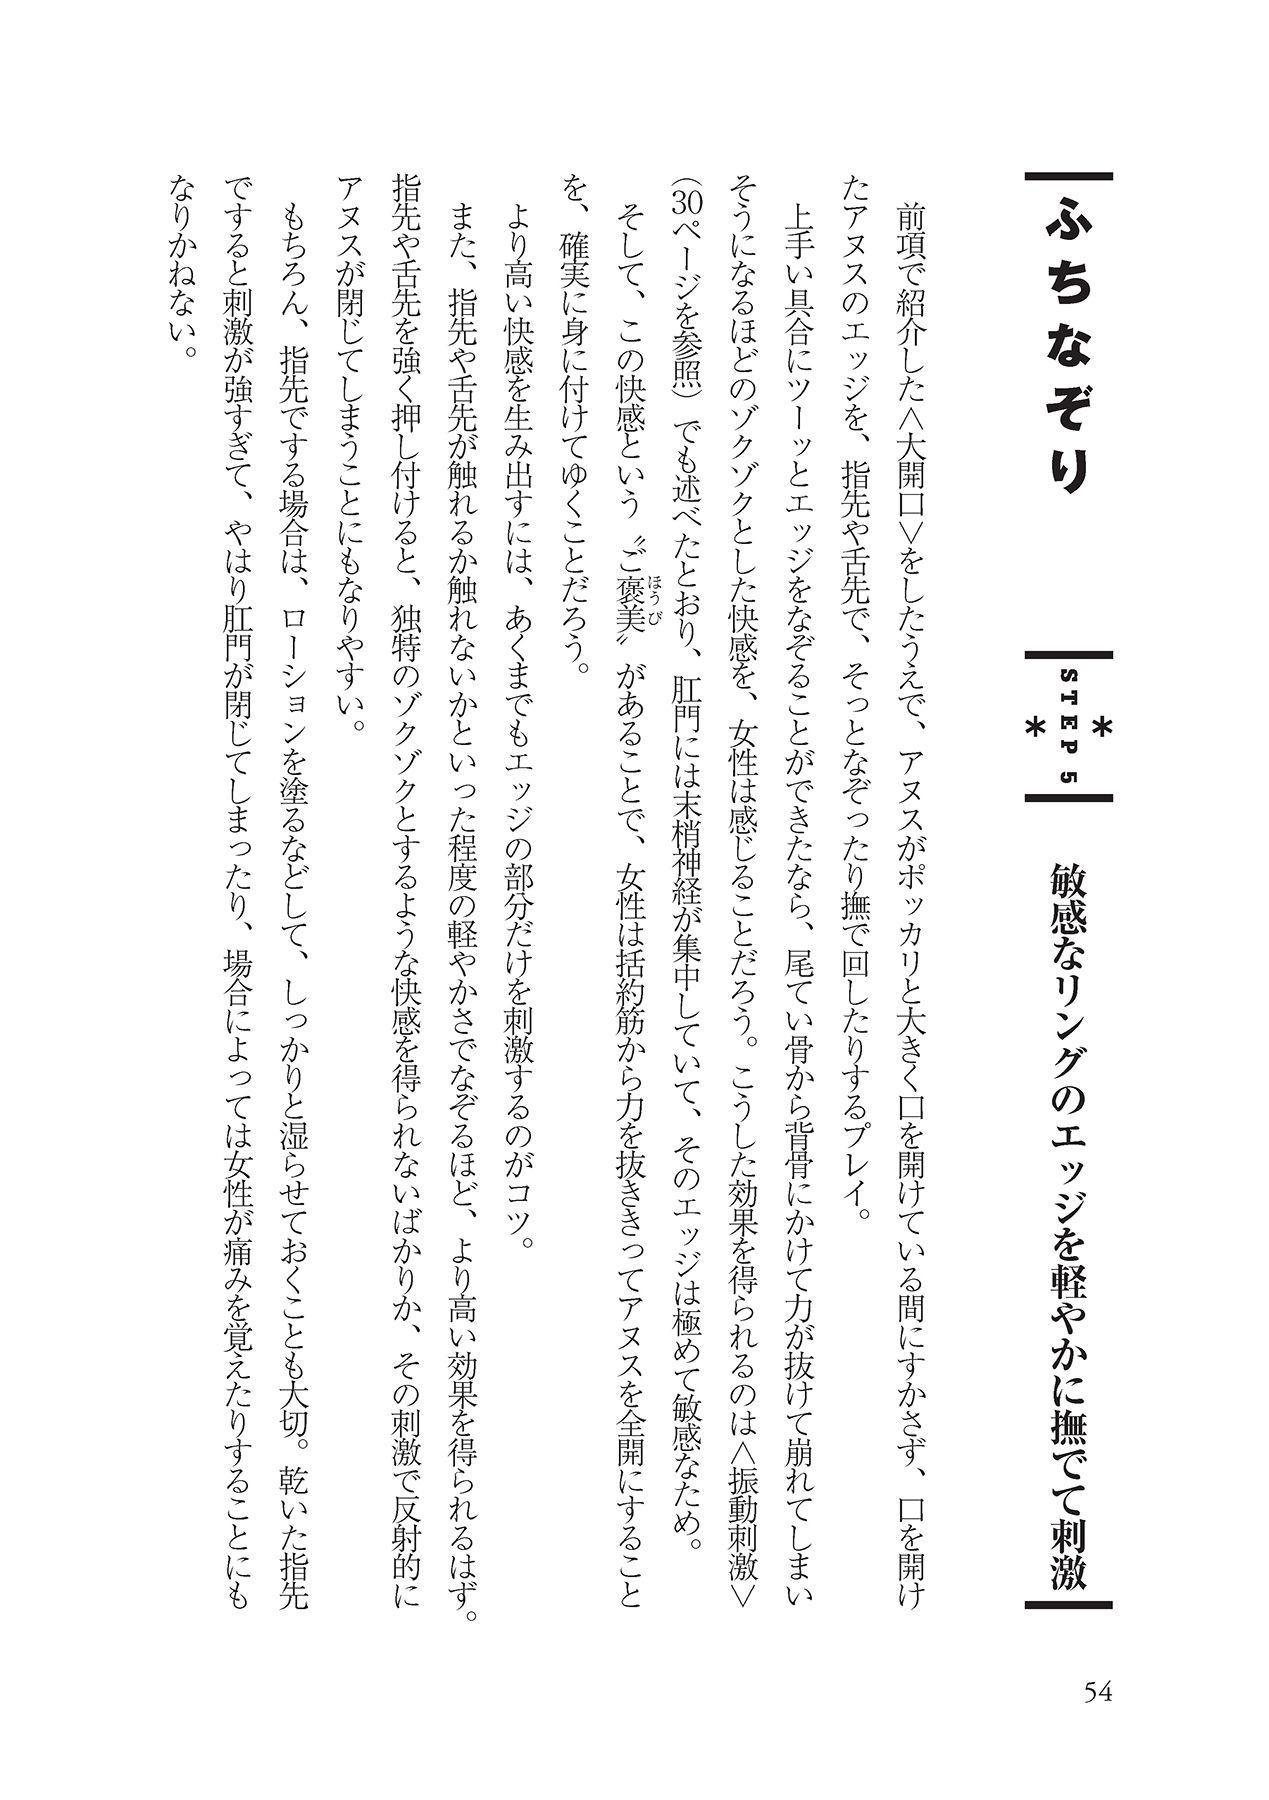 アナル性感開発・お尻エッチ 完全マニュアル 55